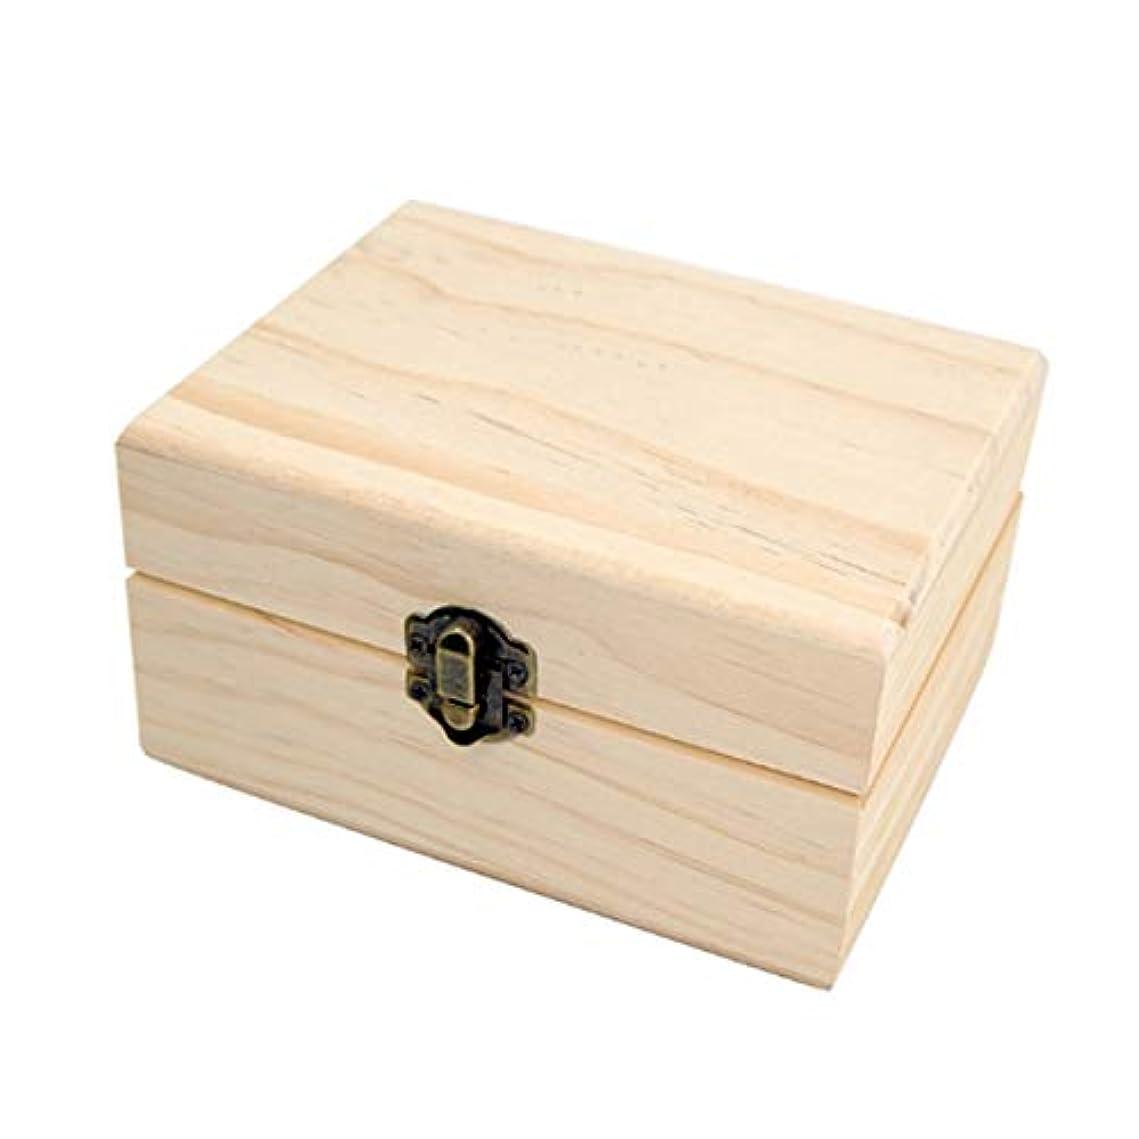 パフ終了する寓話フェリモア エッセンシャルオイル 収納ボックス ボトル用 松 木製 格子状 倒れにくい 12マス (ブラウン)